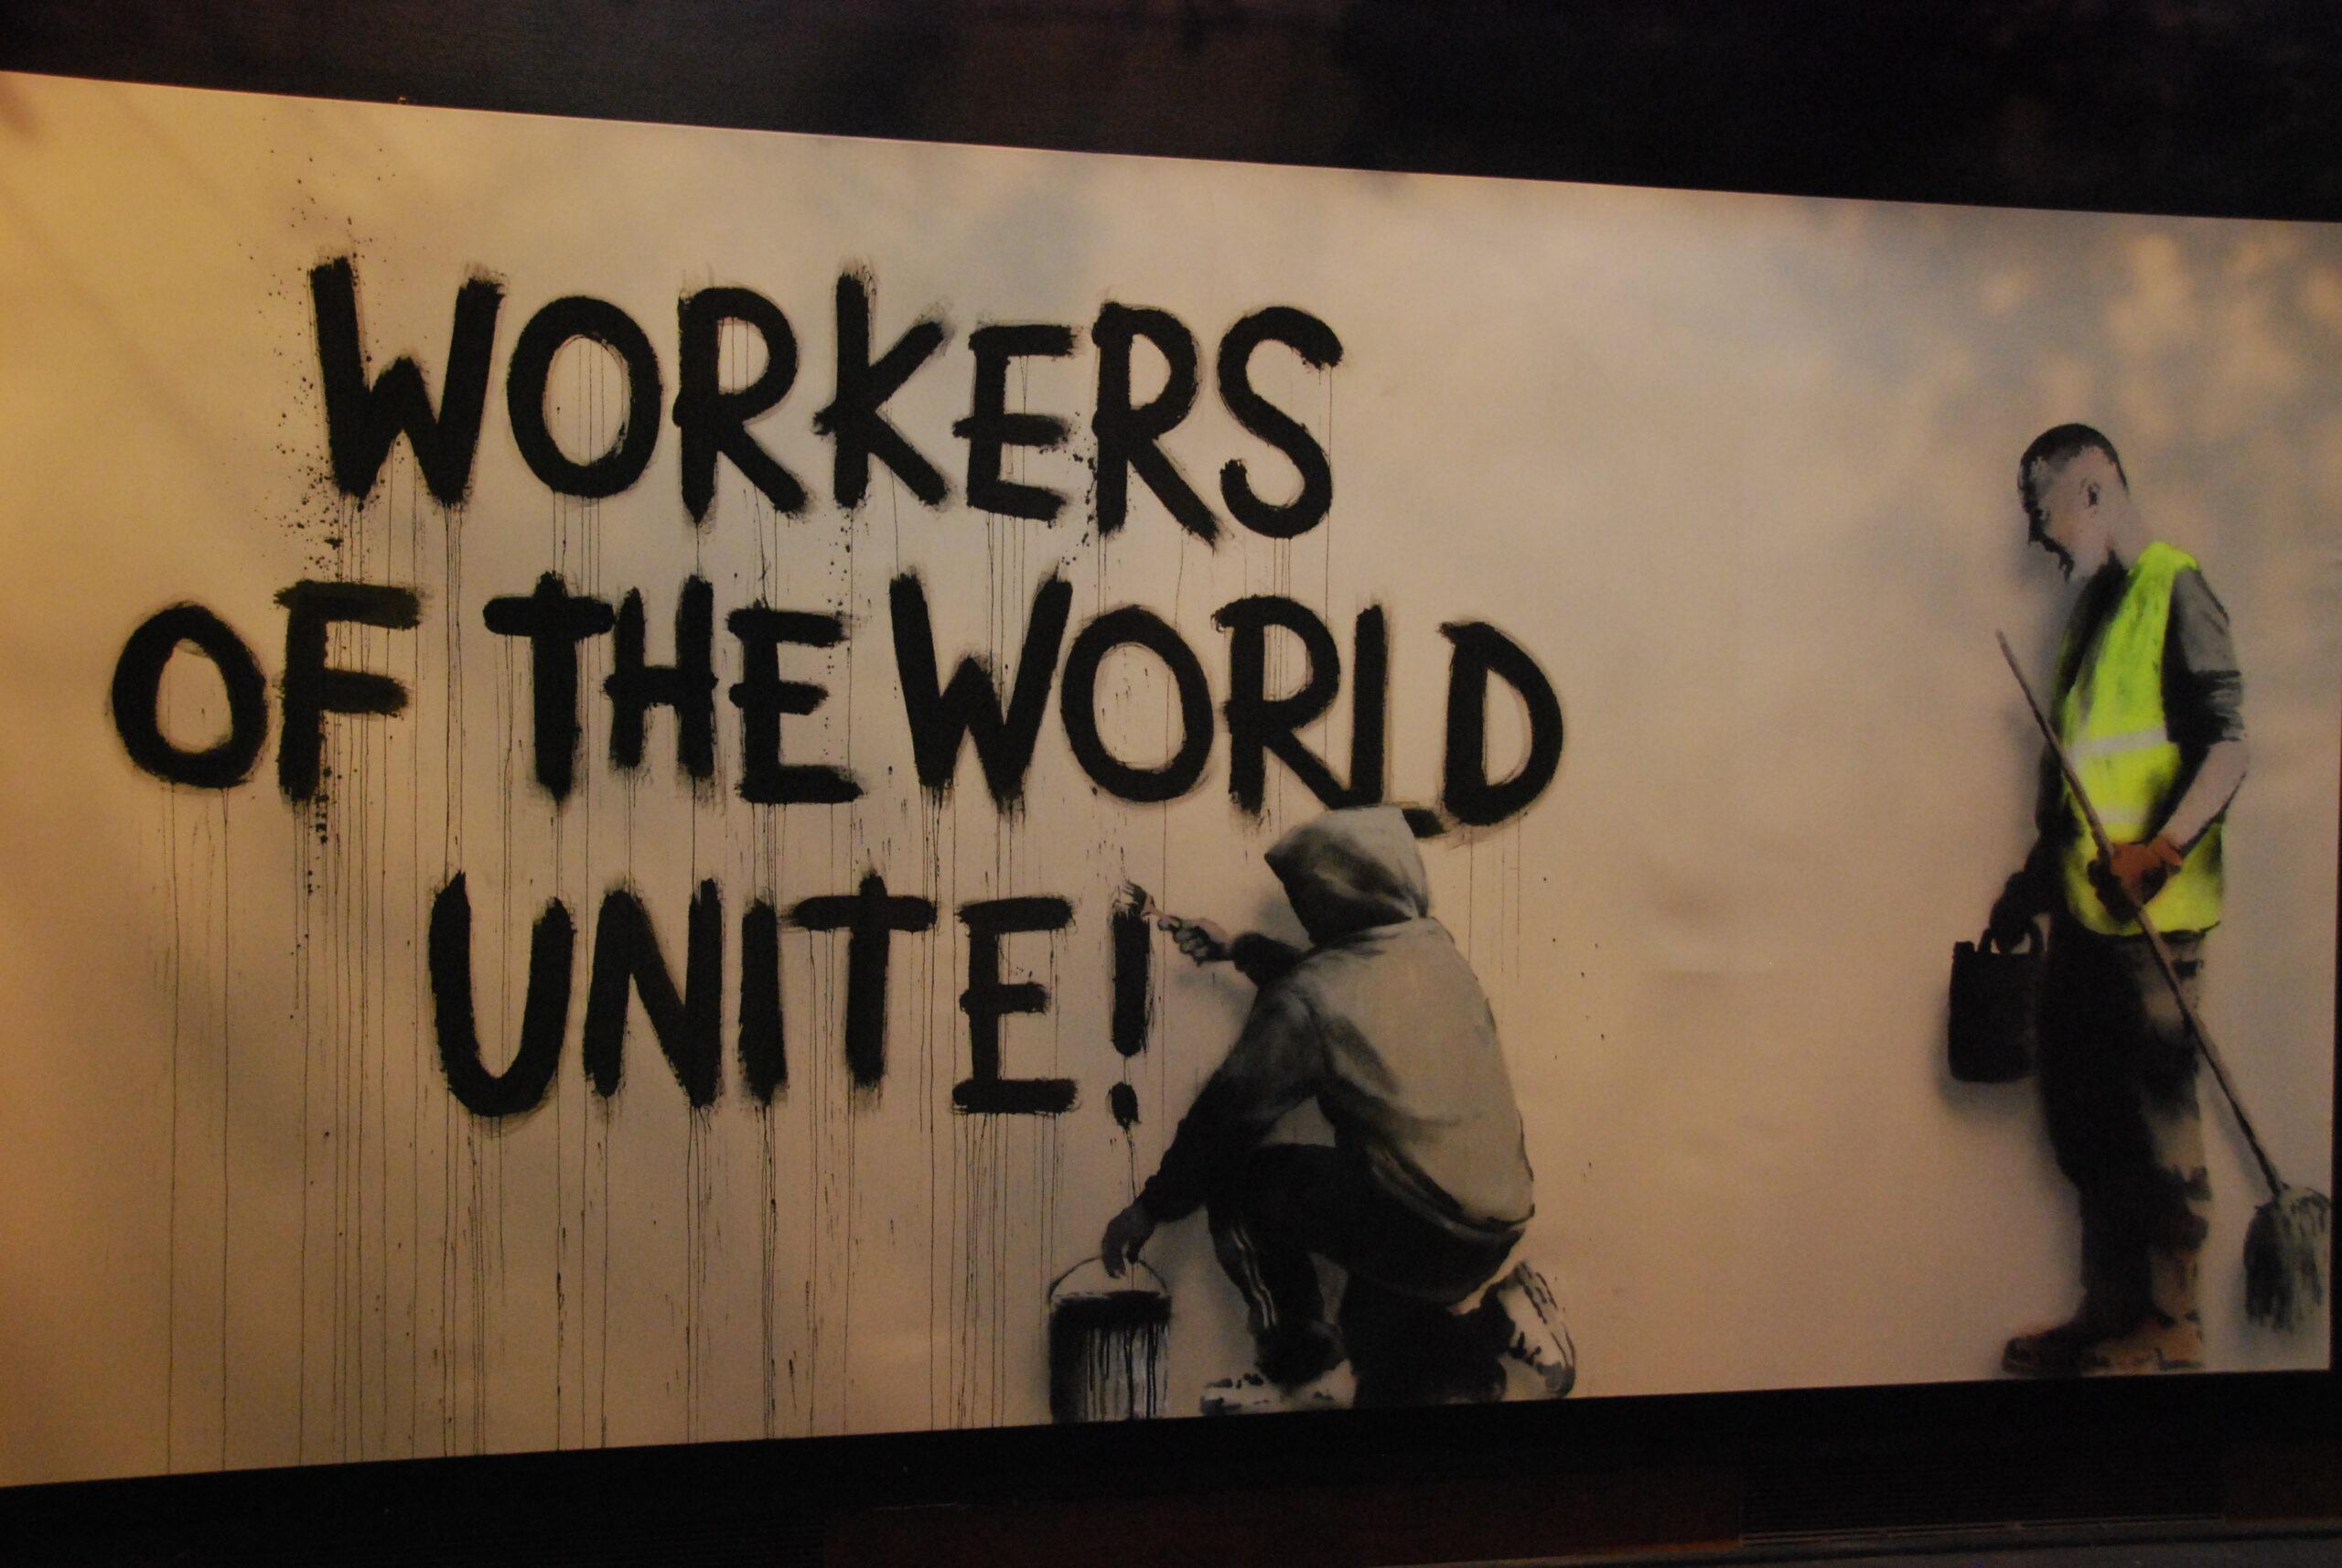 Πυροβολούν την εργασία, αλλά πέφτουν εργαζόμενοι και οικονομία